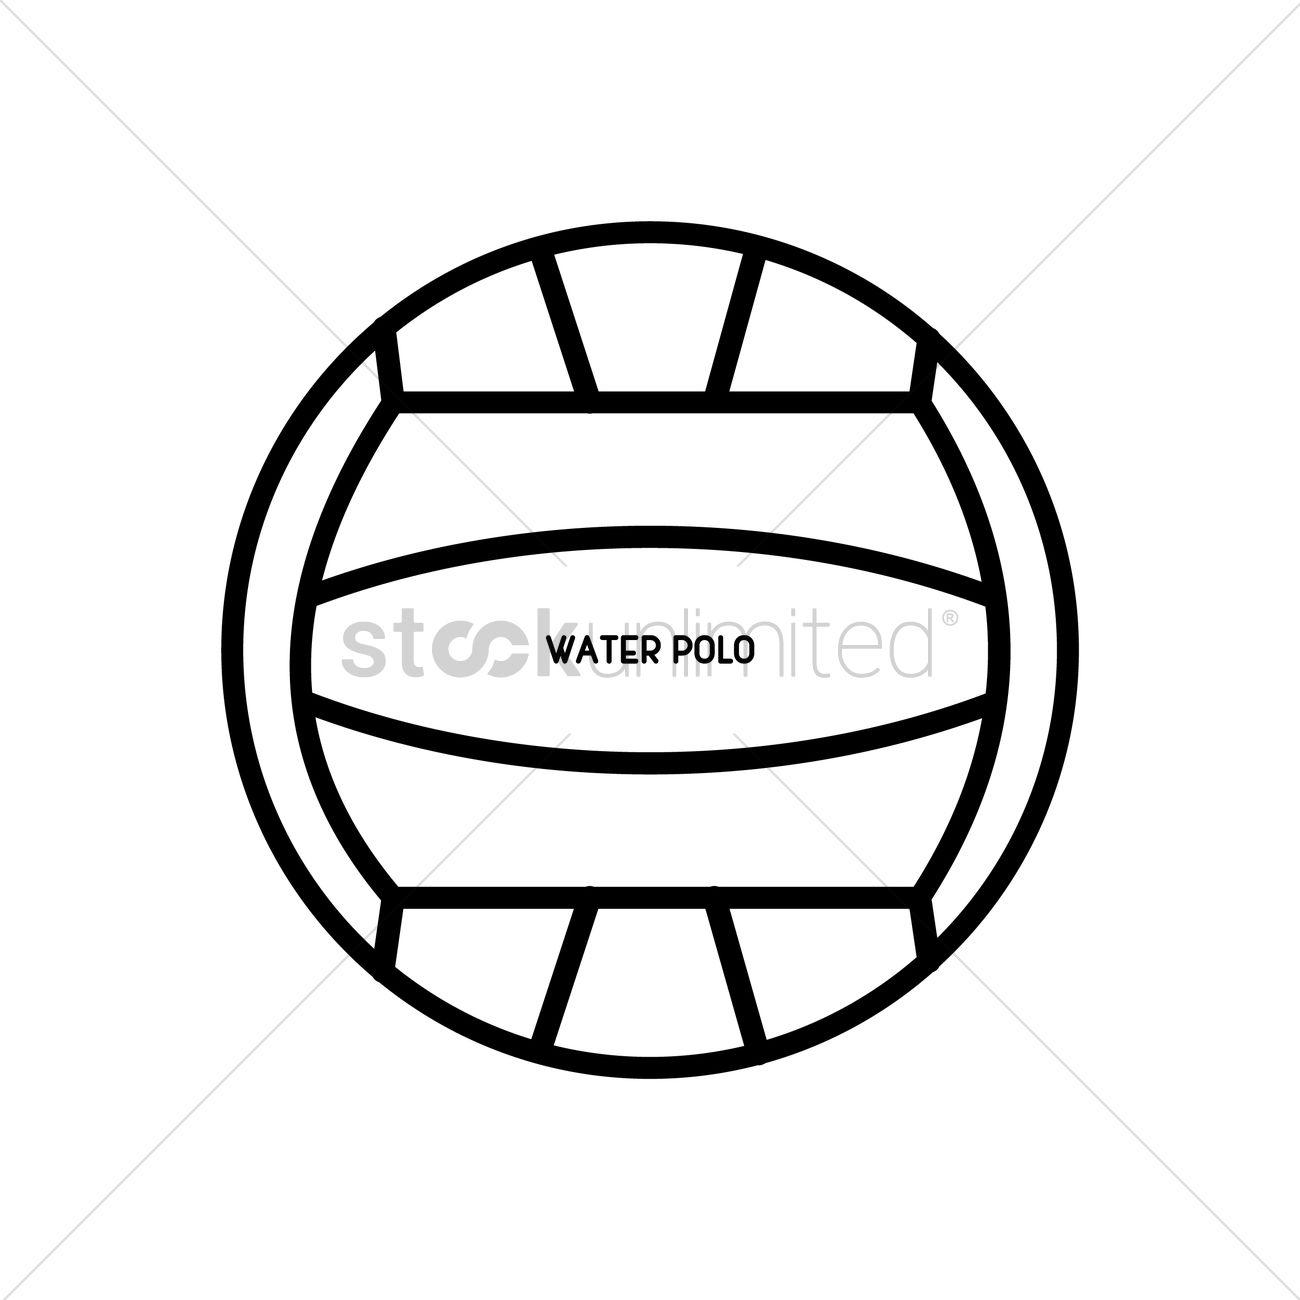 1300x1300 Water Polo Ball Vector Image